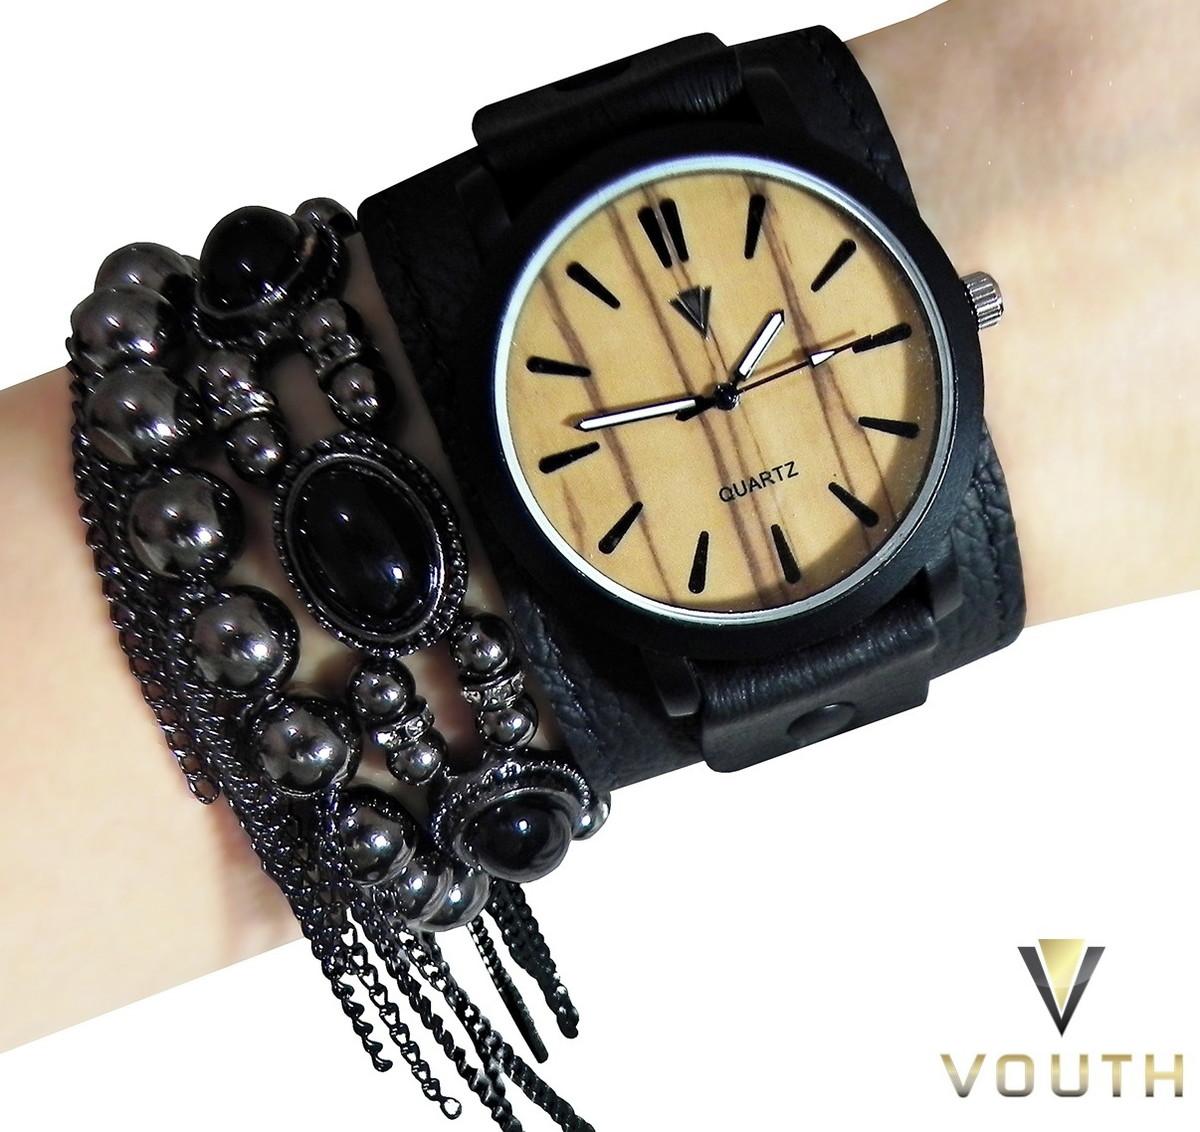 e625f57bbcd Relógio Feminino Com Bracelete Preto no Elo7